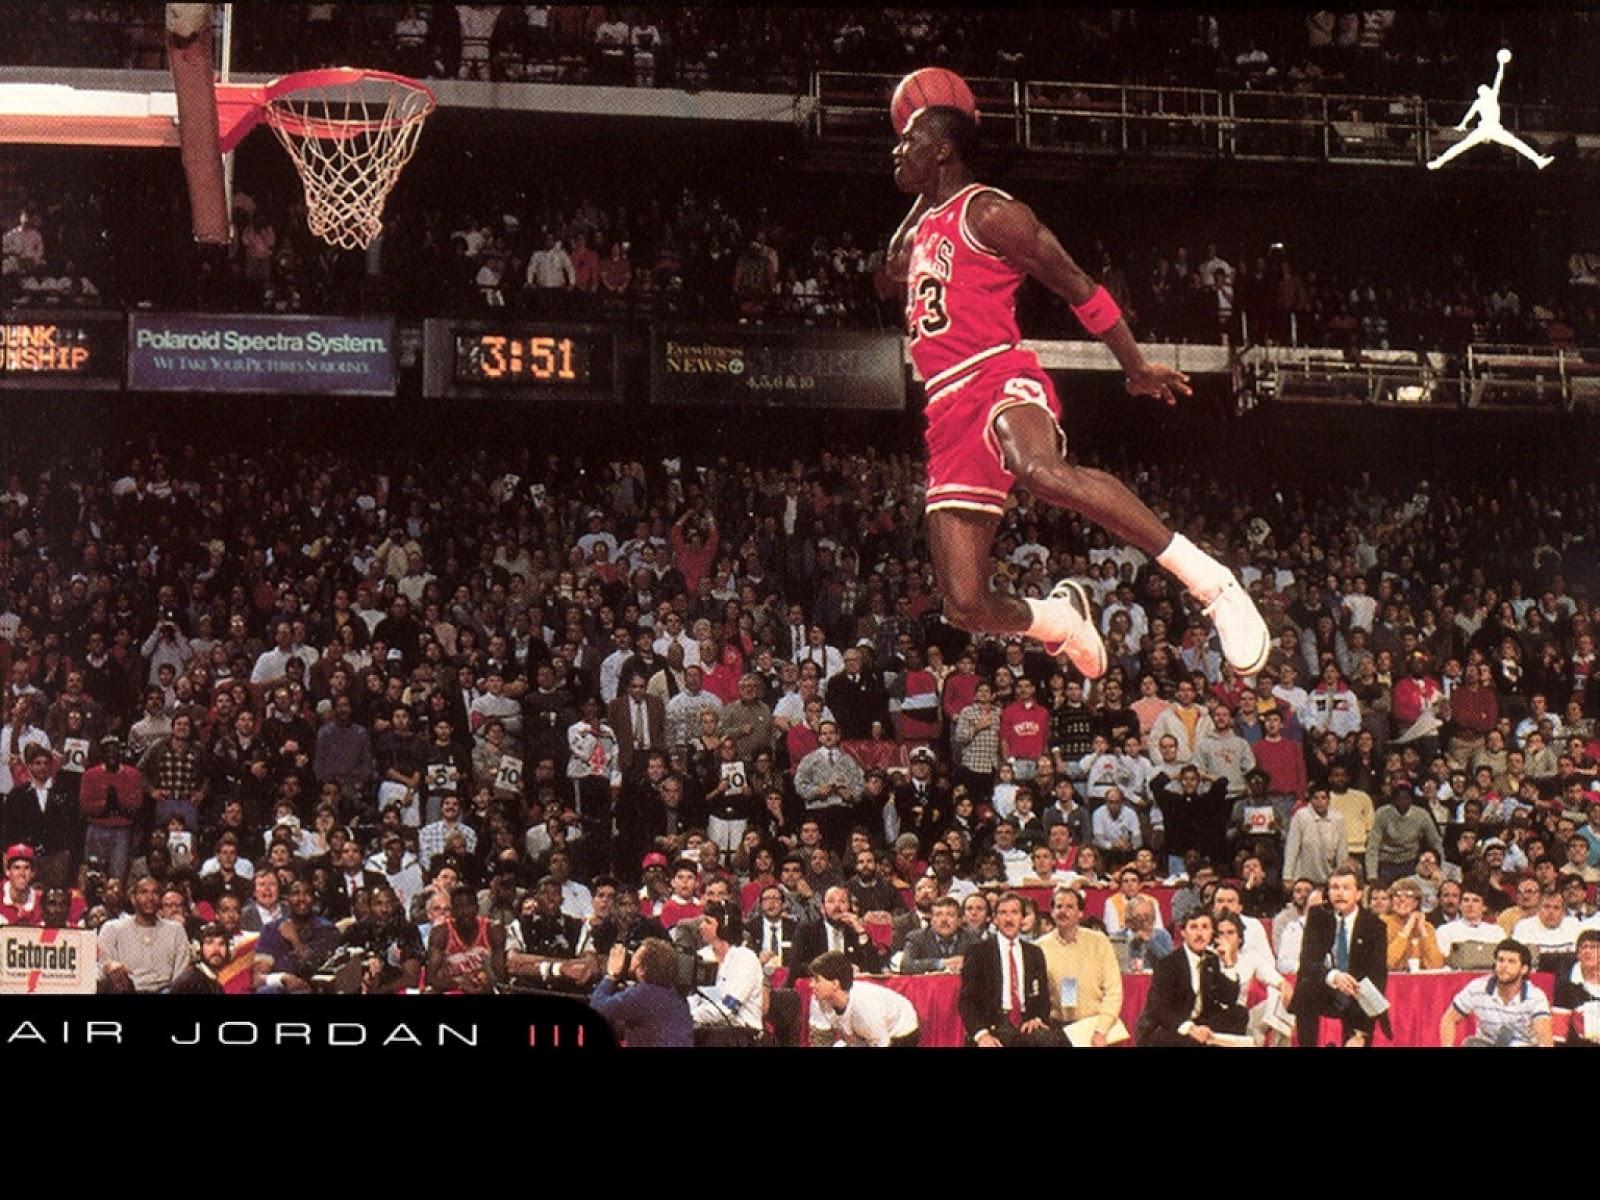 http://3.bp.blogspot.com/-JZSfk4cQC-0/UOw-ZphZi2I/AAAAAAAAxqs/pHNH-SWYfUc/s1600/Slam-Dunk-Jumping-Michael-Jordan-Chicago-Bulls-NBA-Walpapers-HD.jpg